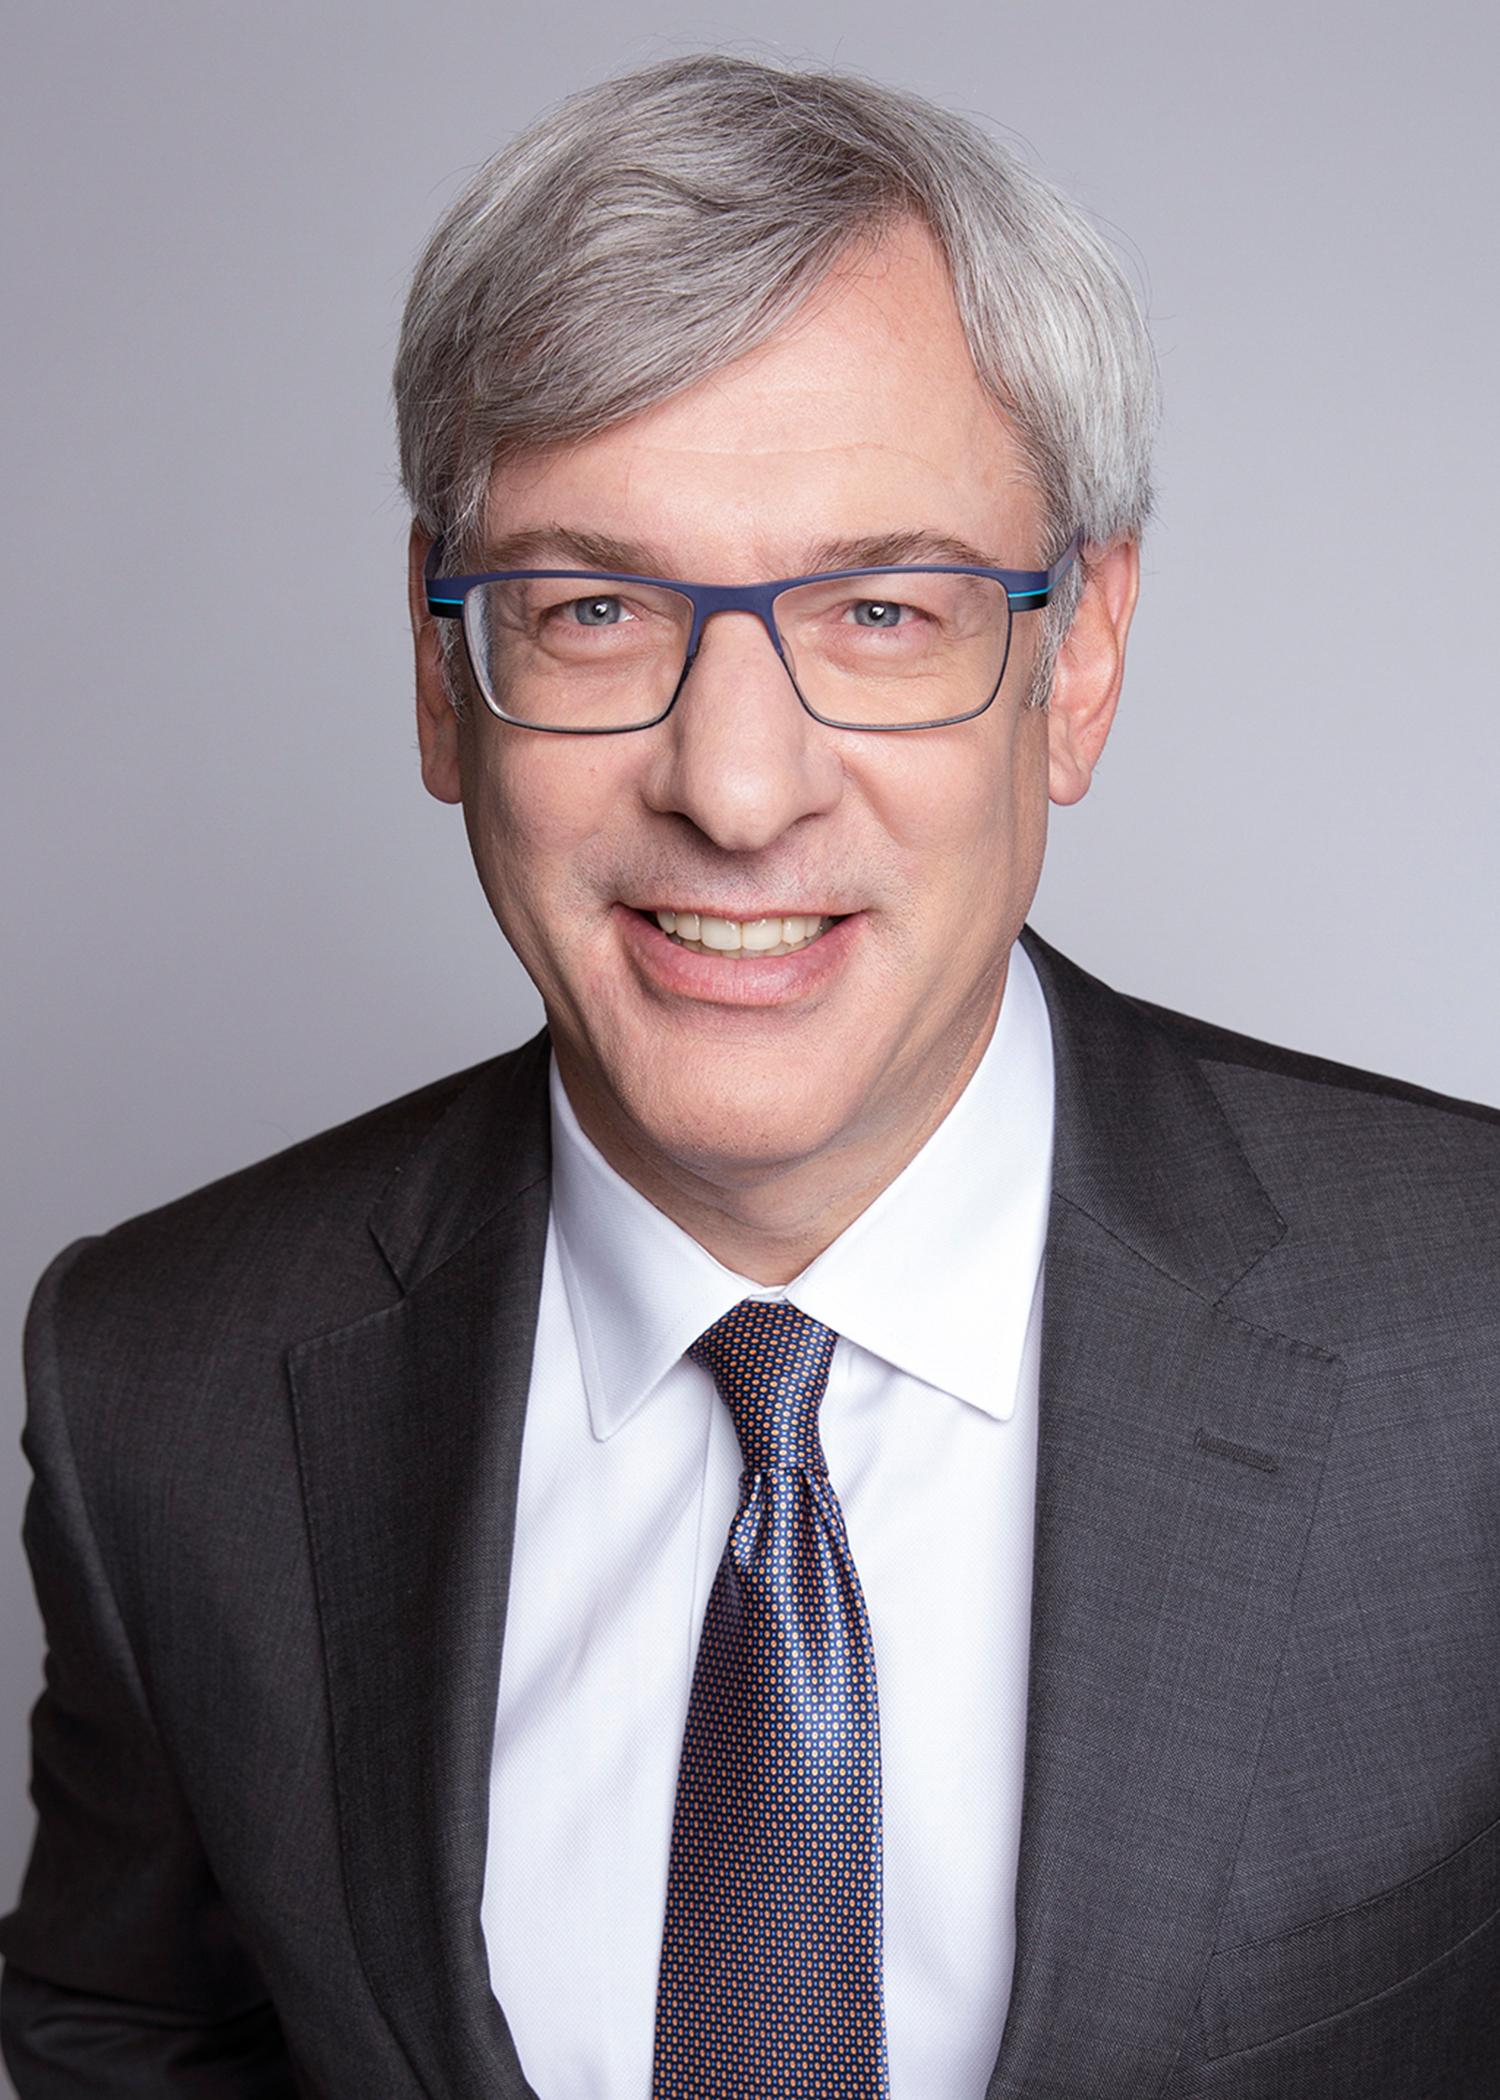 RBC CEO David McKay